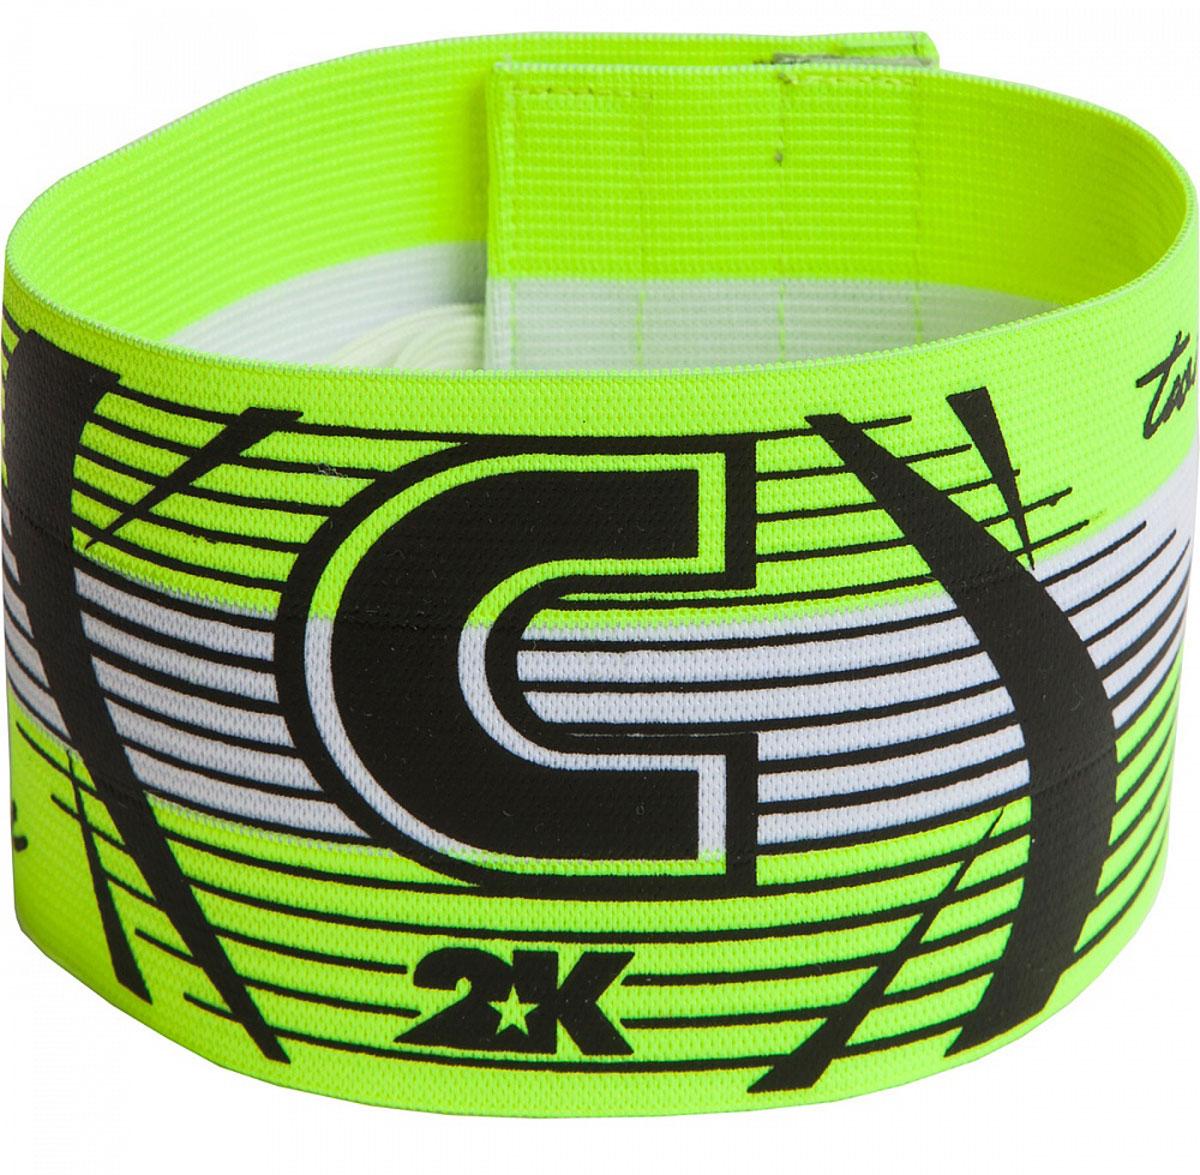 Повязка капитанская 2K Sport Captain, цвет: светло-зеленый, черный. 126317